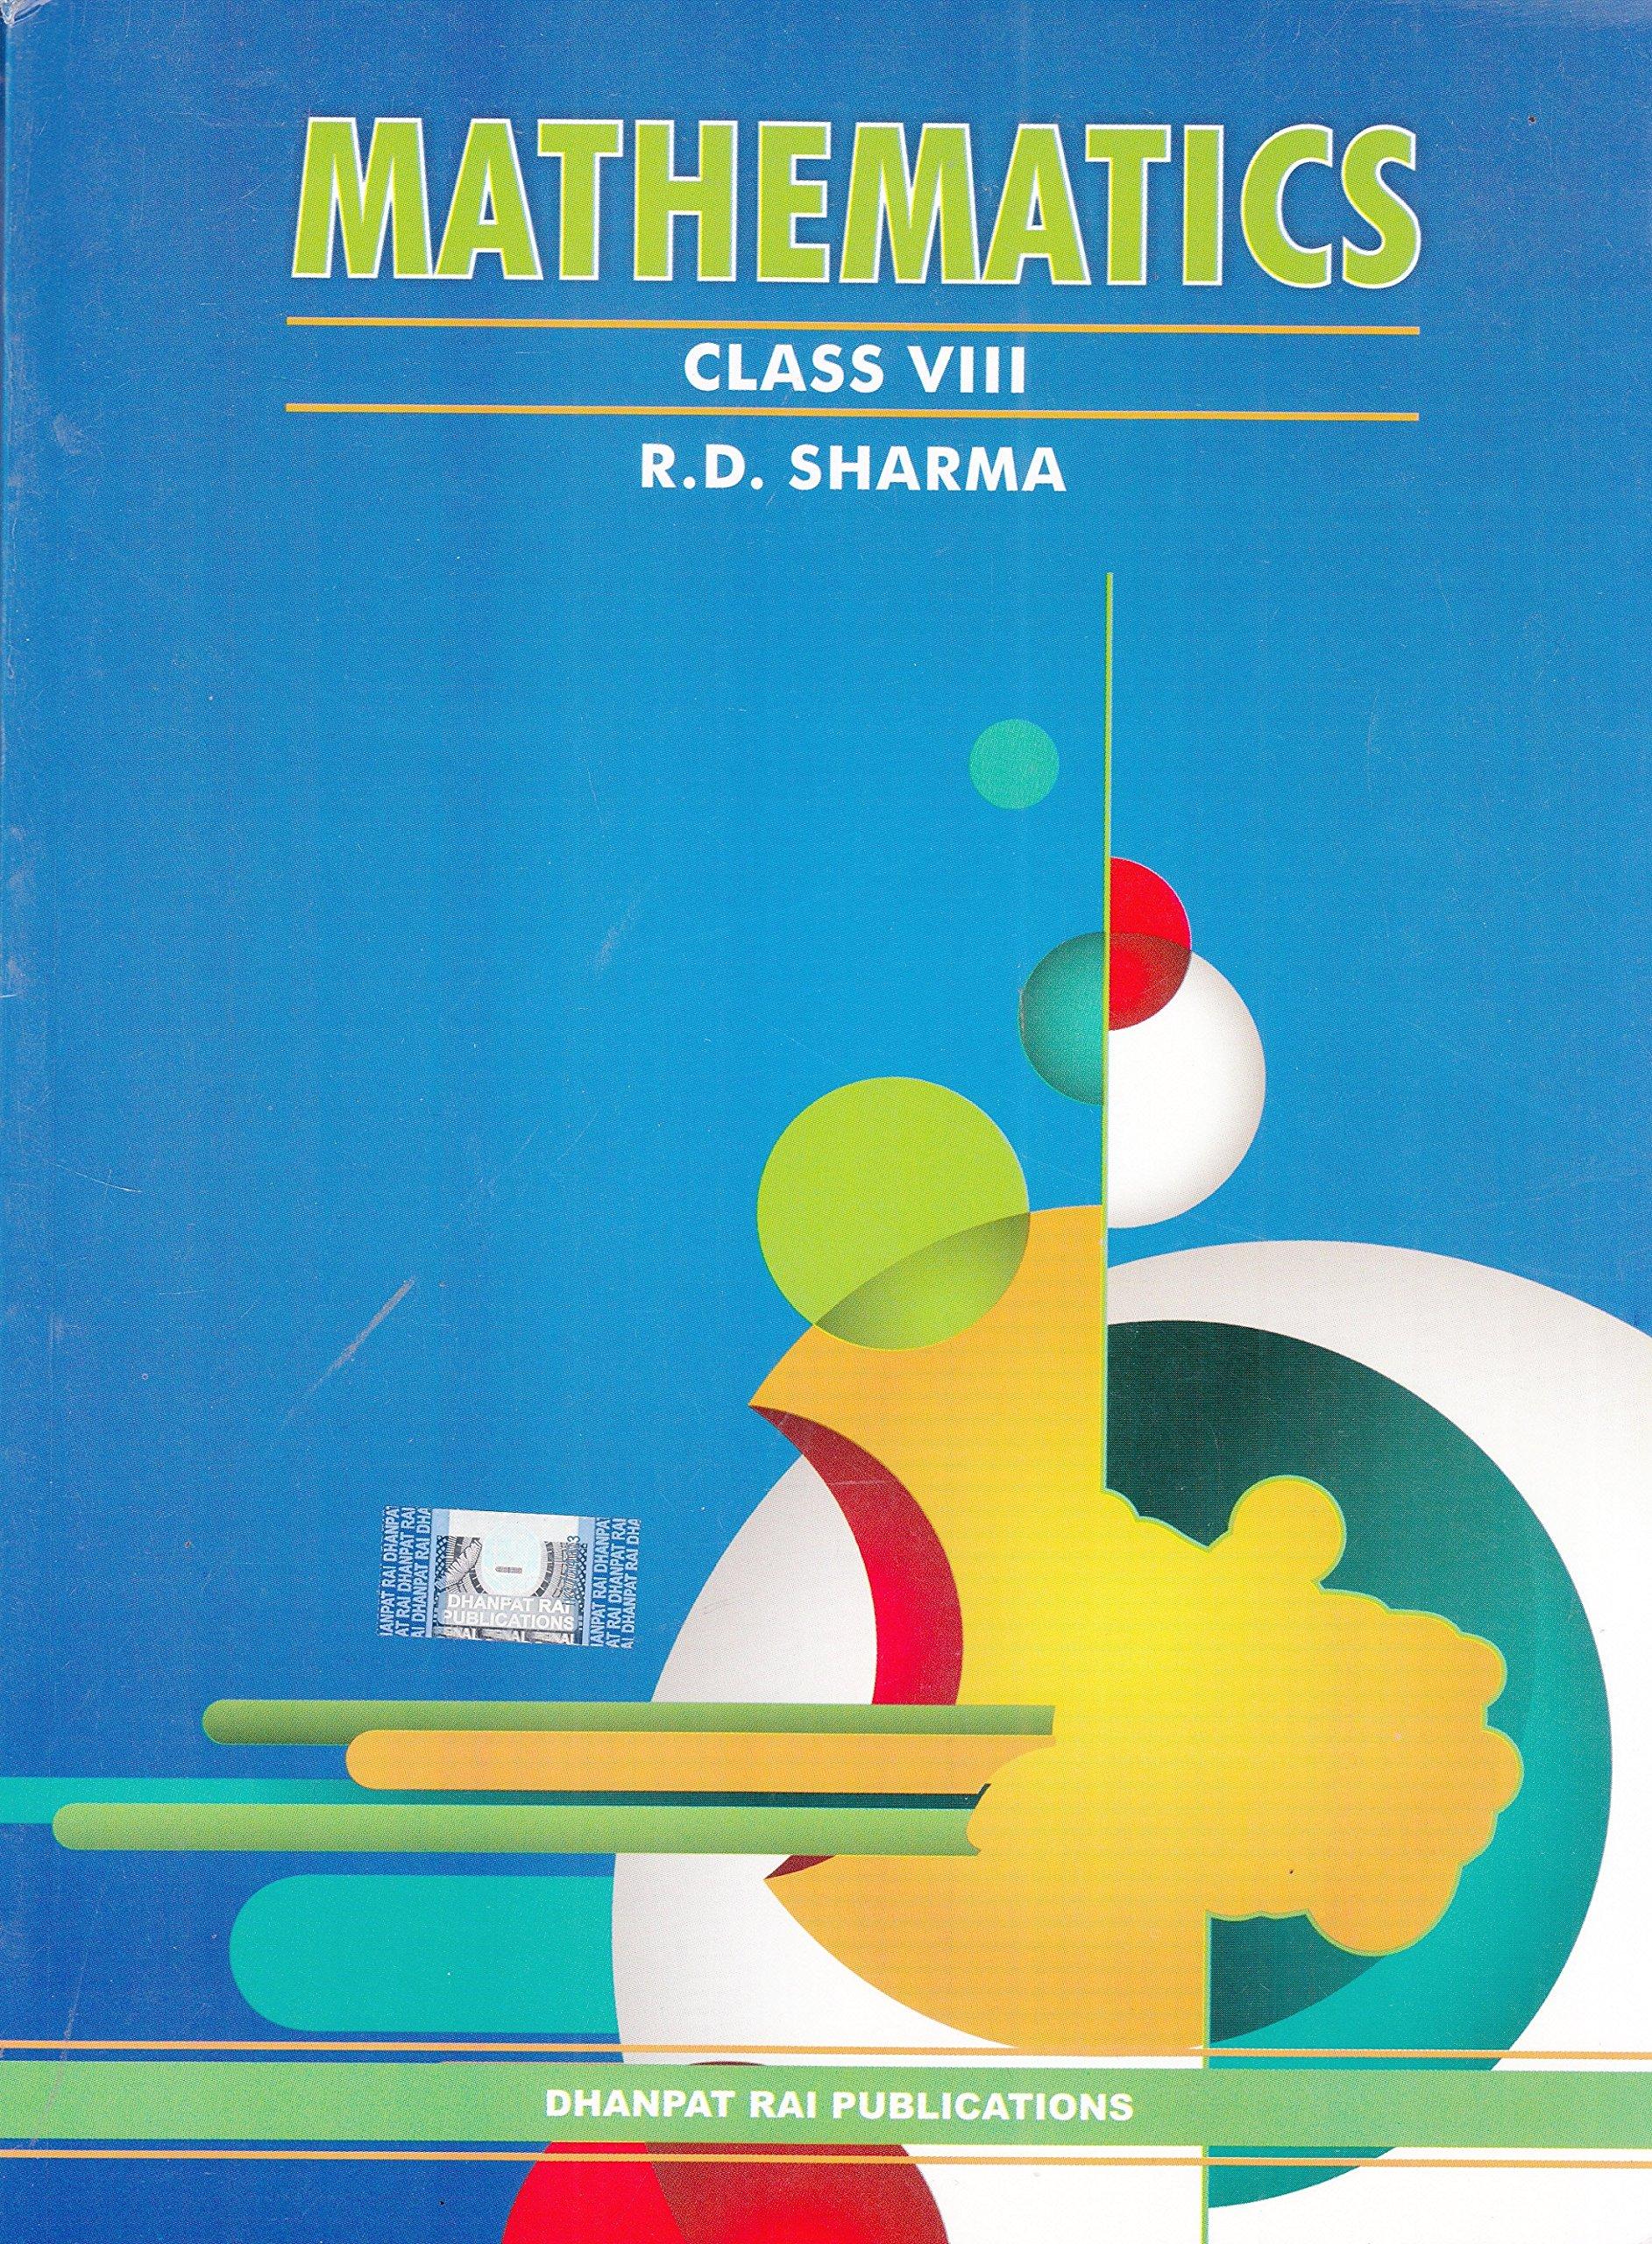 Mathematics Class VIII ebook by R.D. Sharma